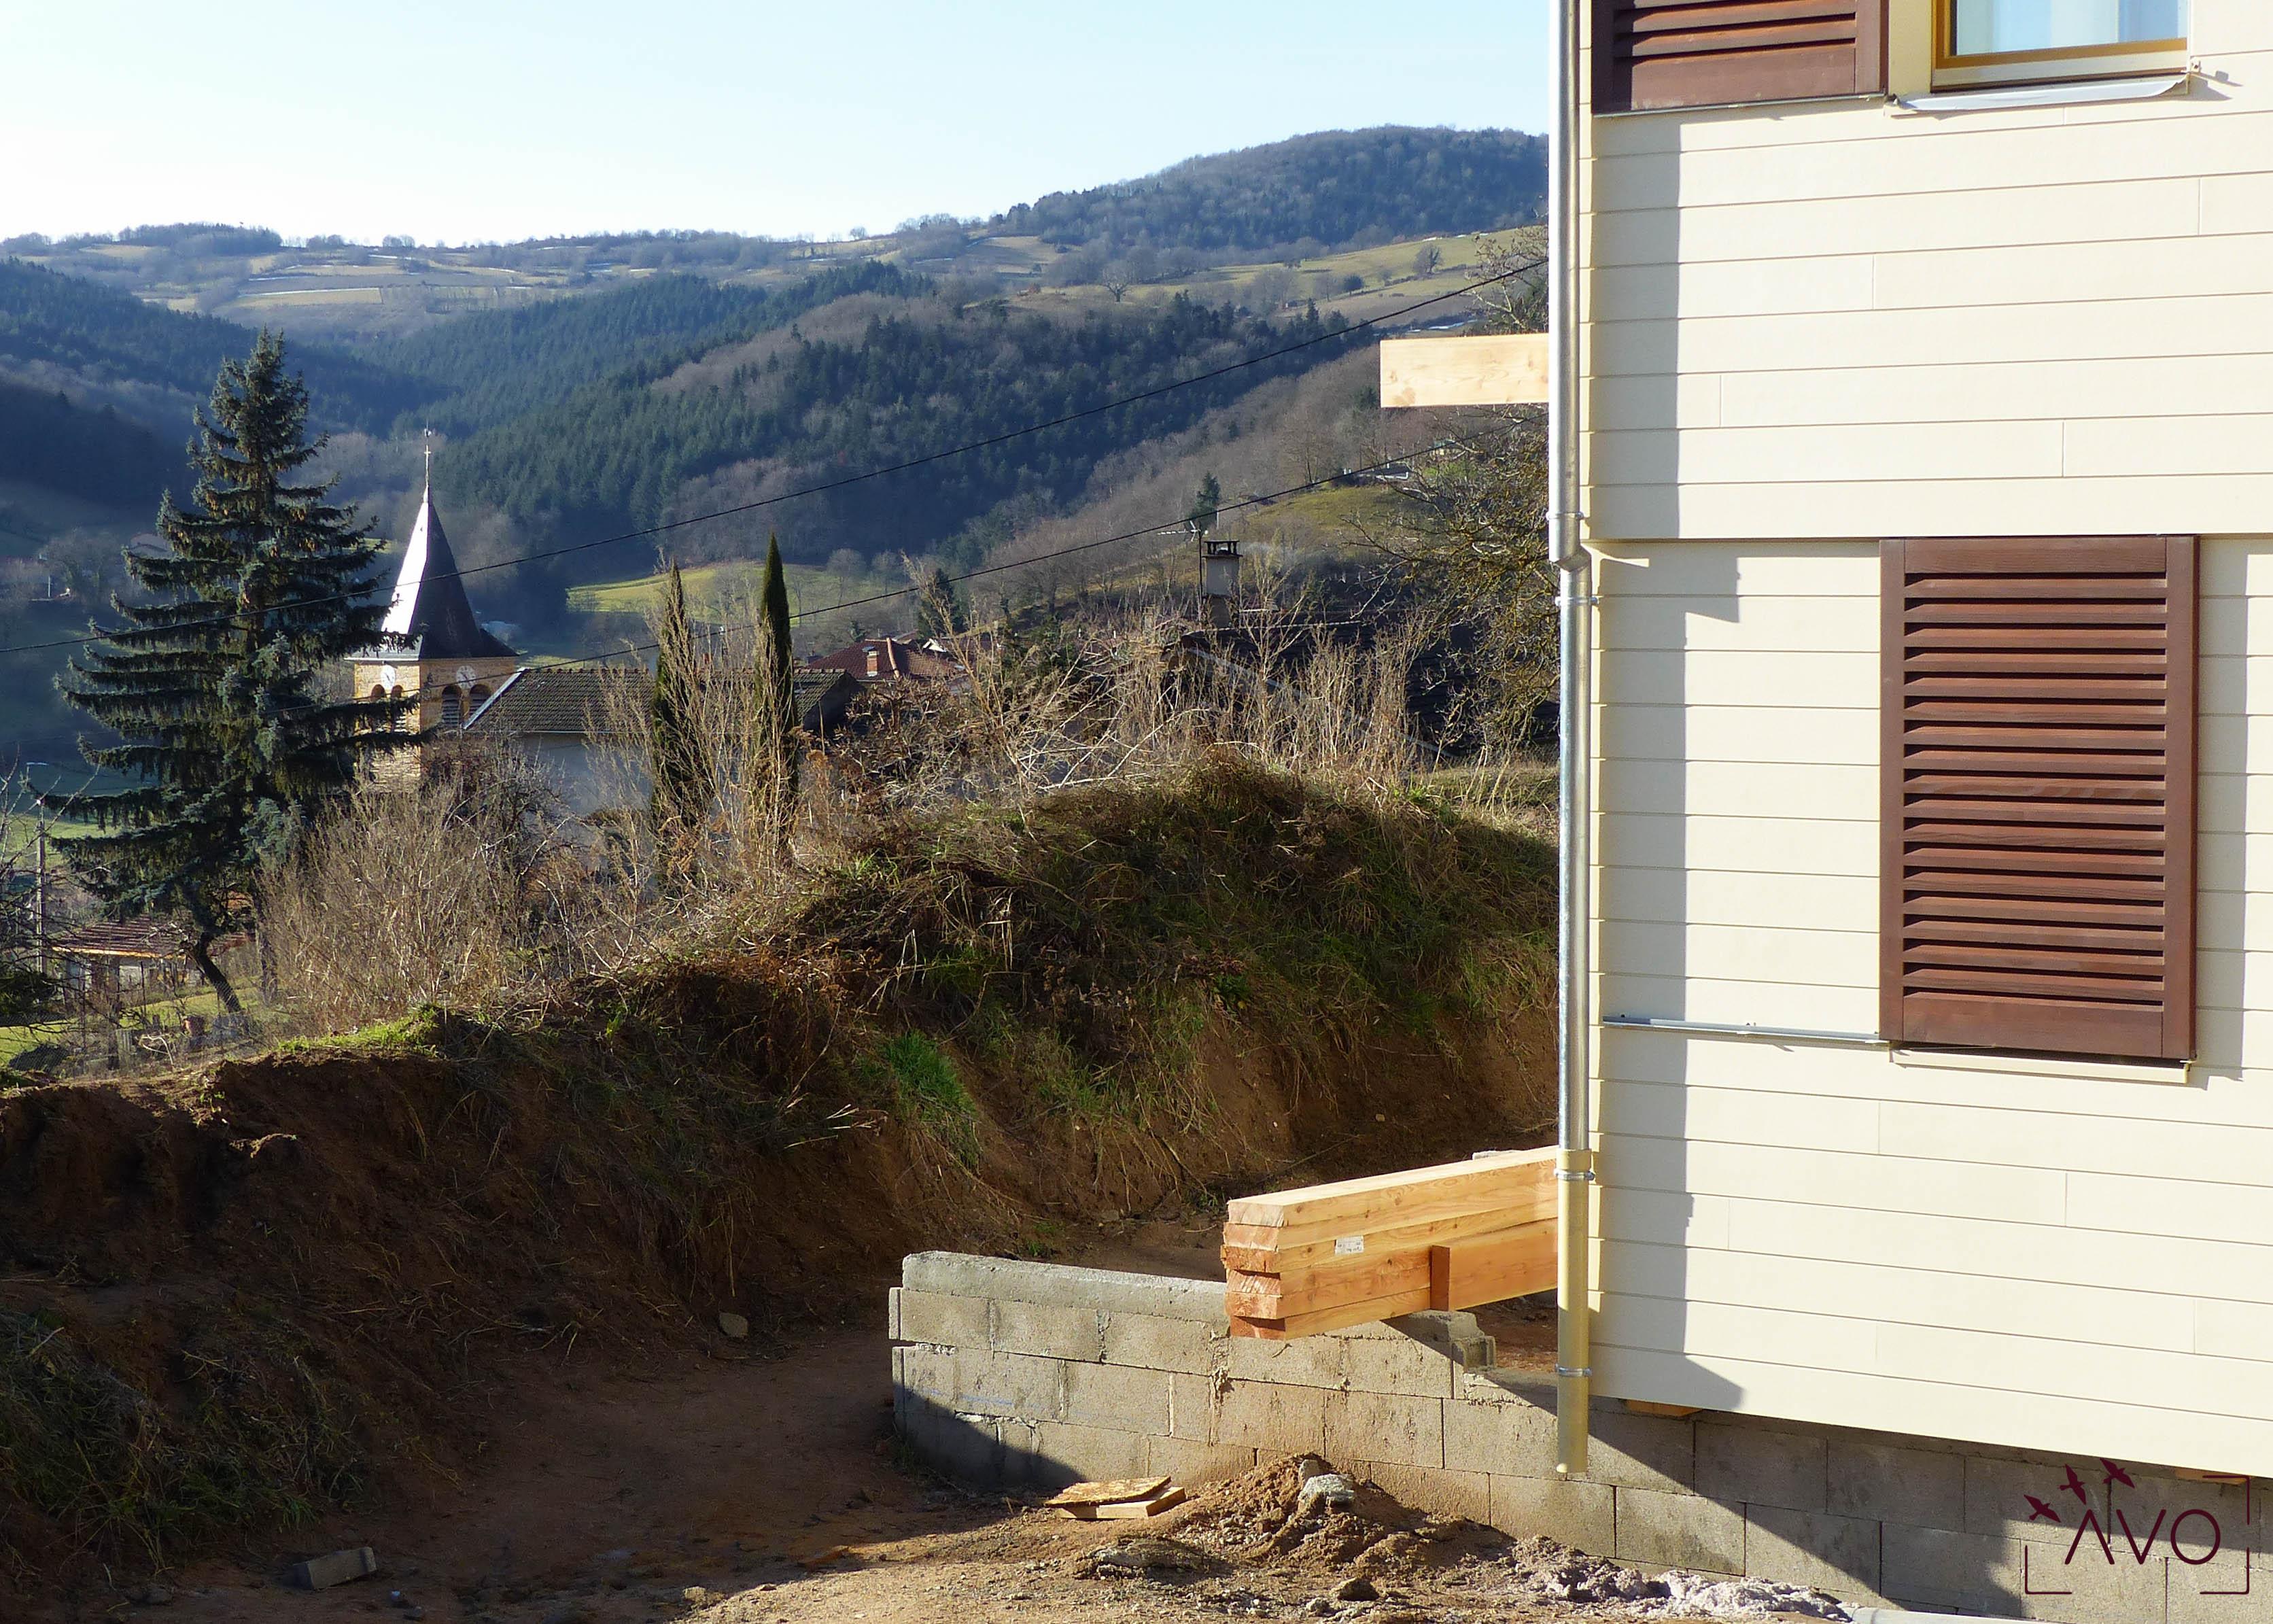 eco2travaux maison passive maison écologique isolation lyon mont du lyonnais ventilation double flux ancy paysage